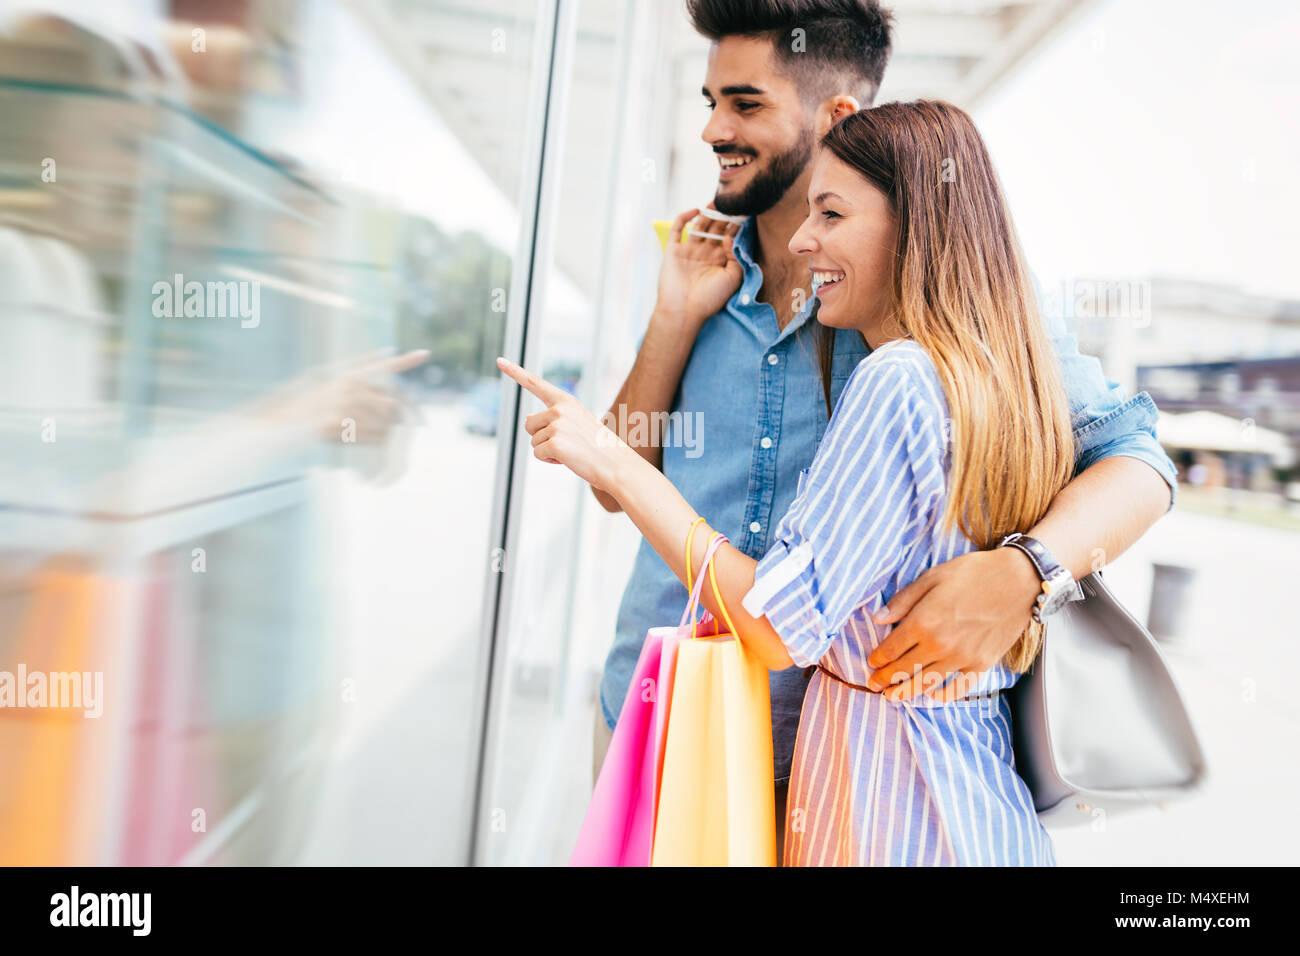 Feliz pareja amorosa atractivo disfrutar juntos de compras Imagen De Stock